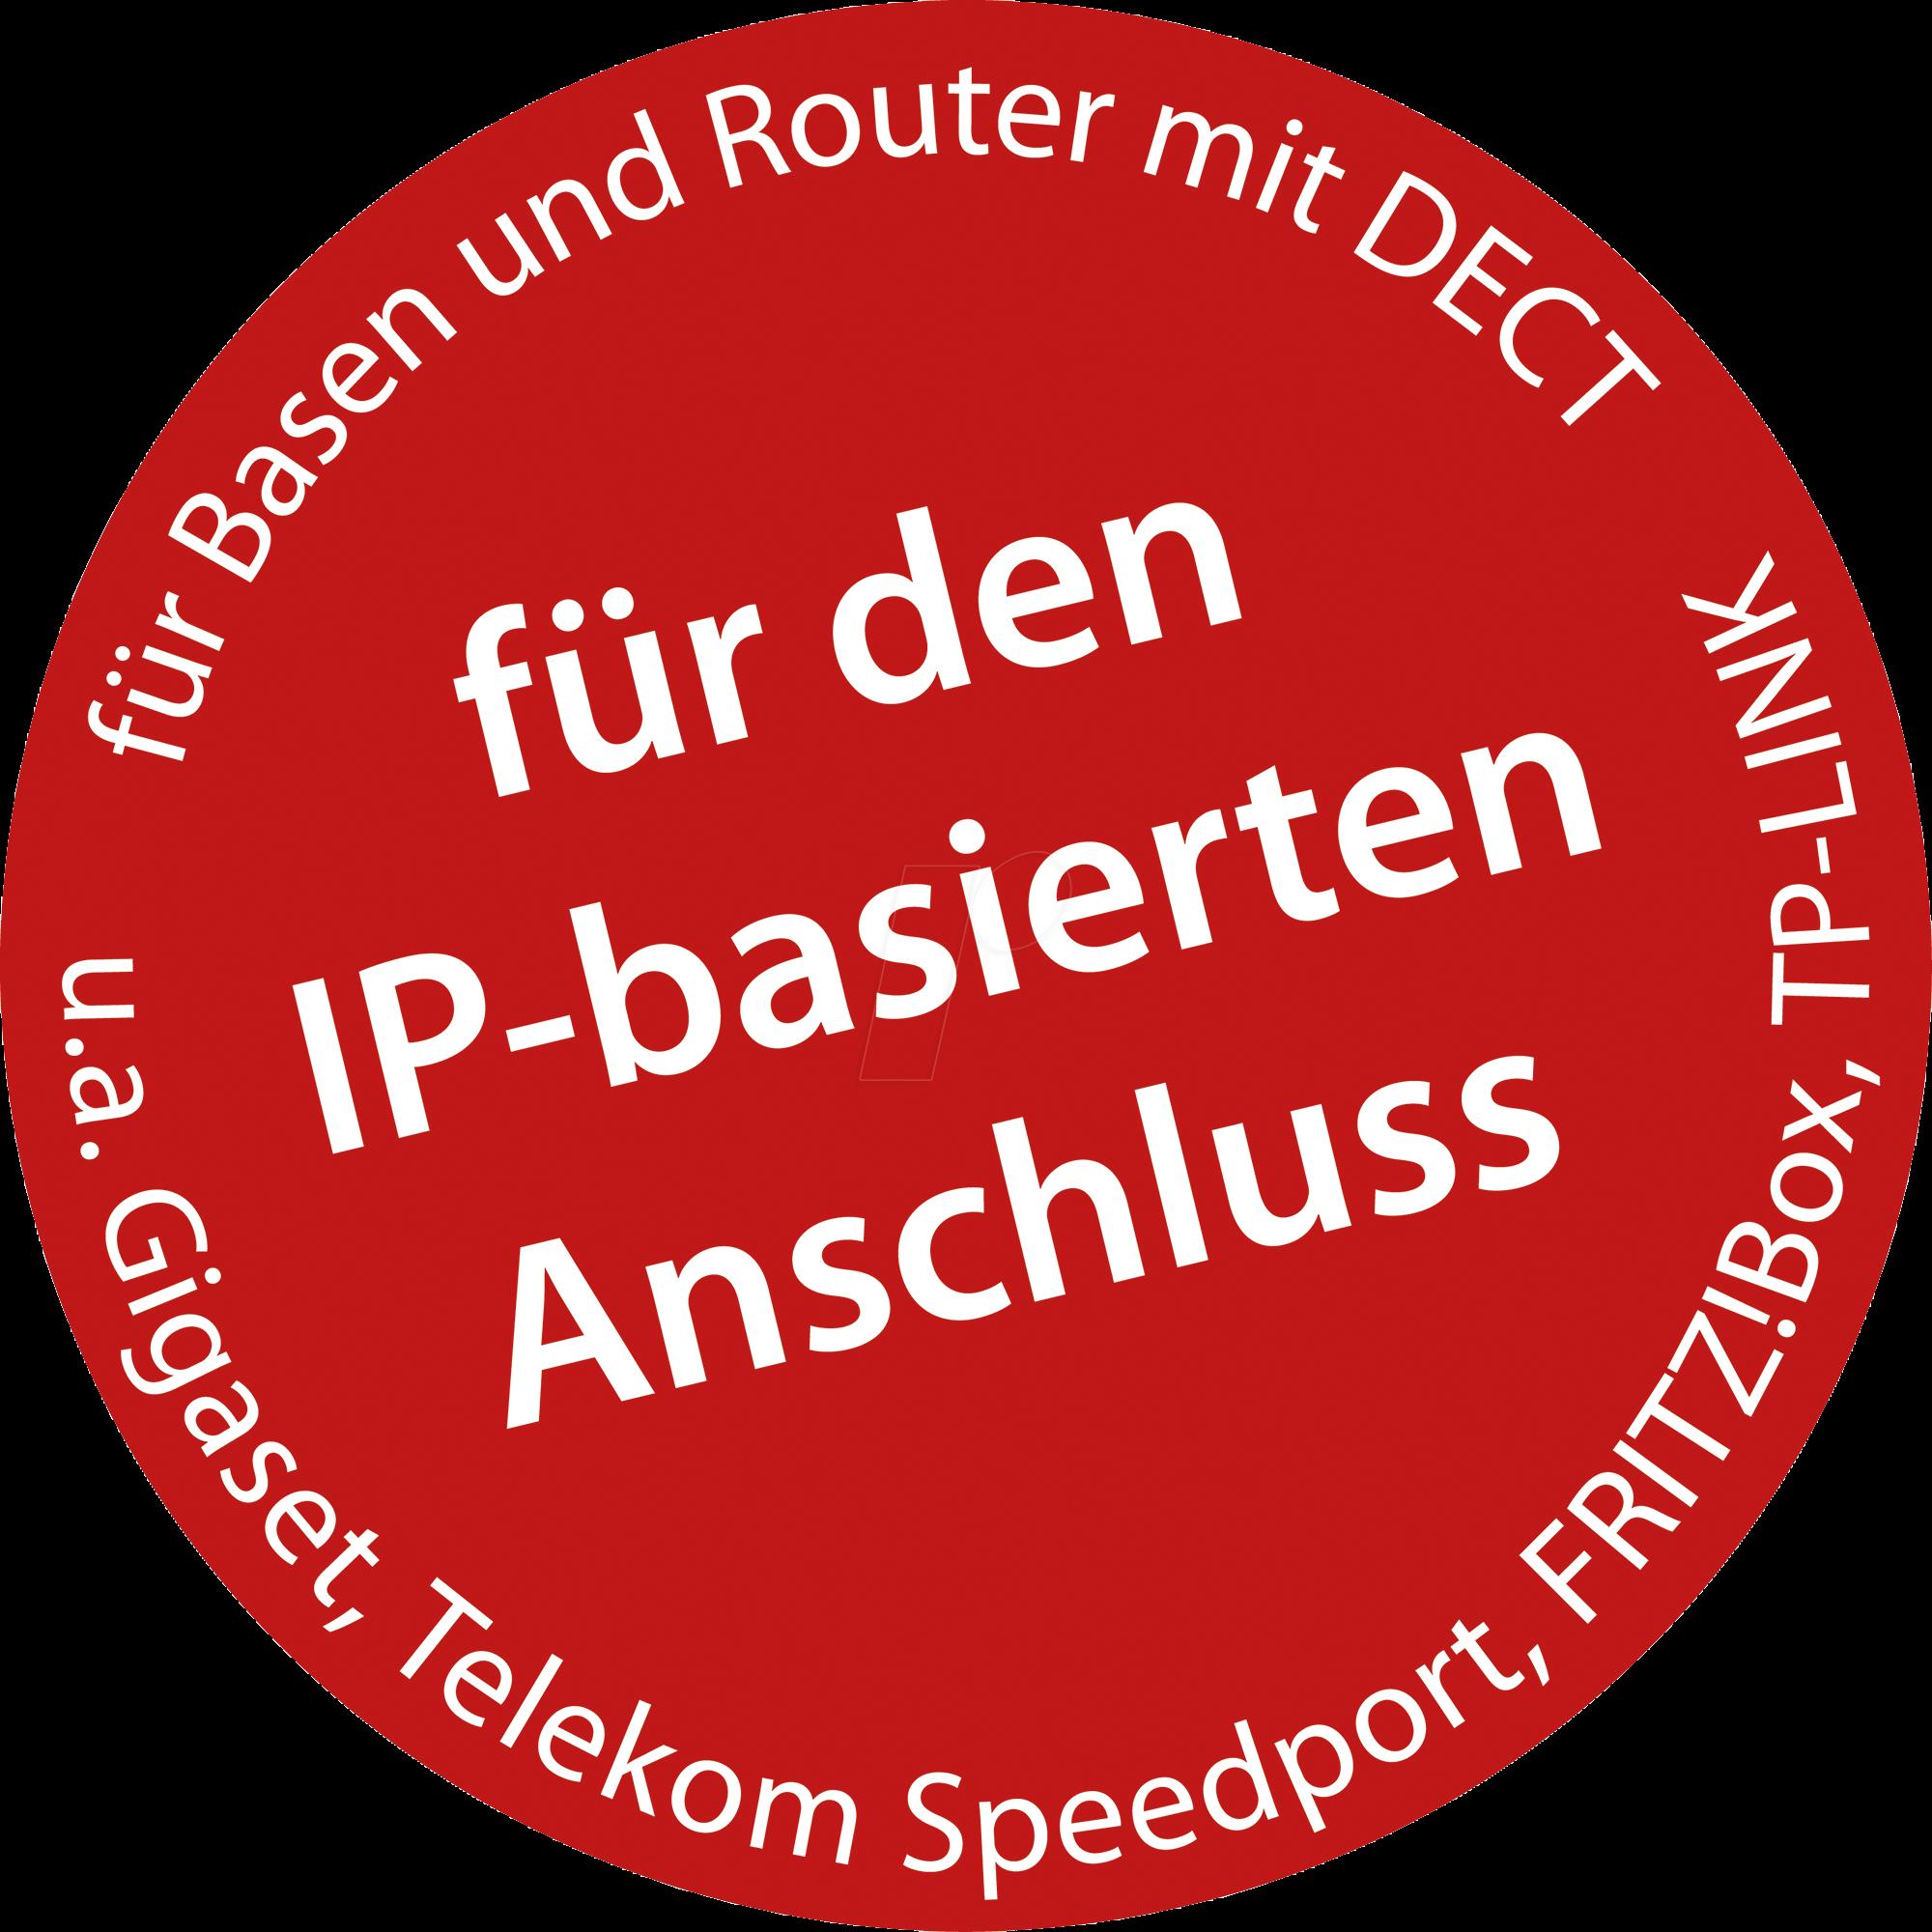 https://cdn-reichelt.de/bilder/web/xxl_ws/G100/IP_HX_STOERER.png